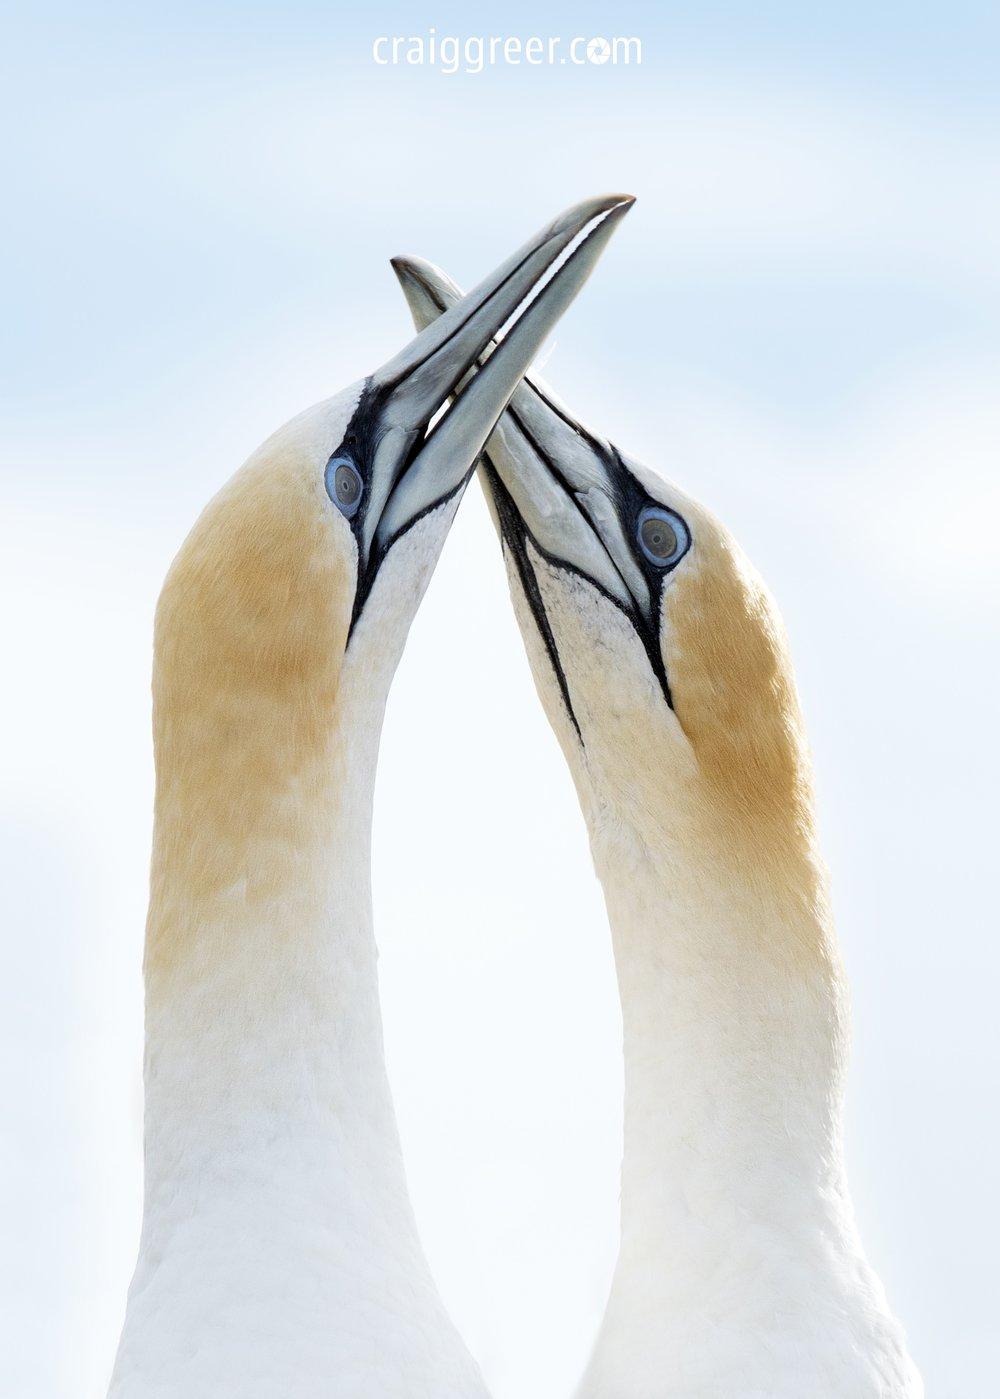 Australasian Gannet | Point Danger